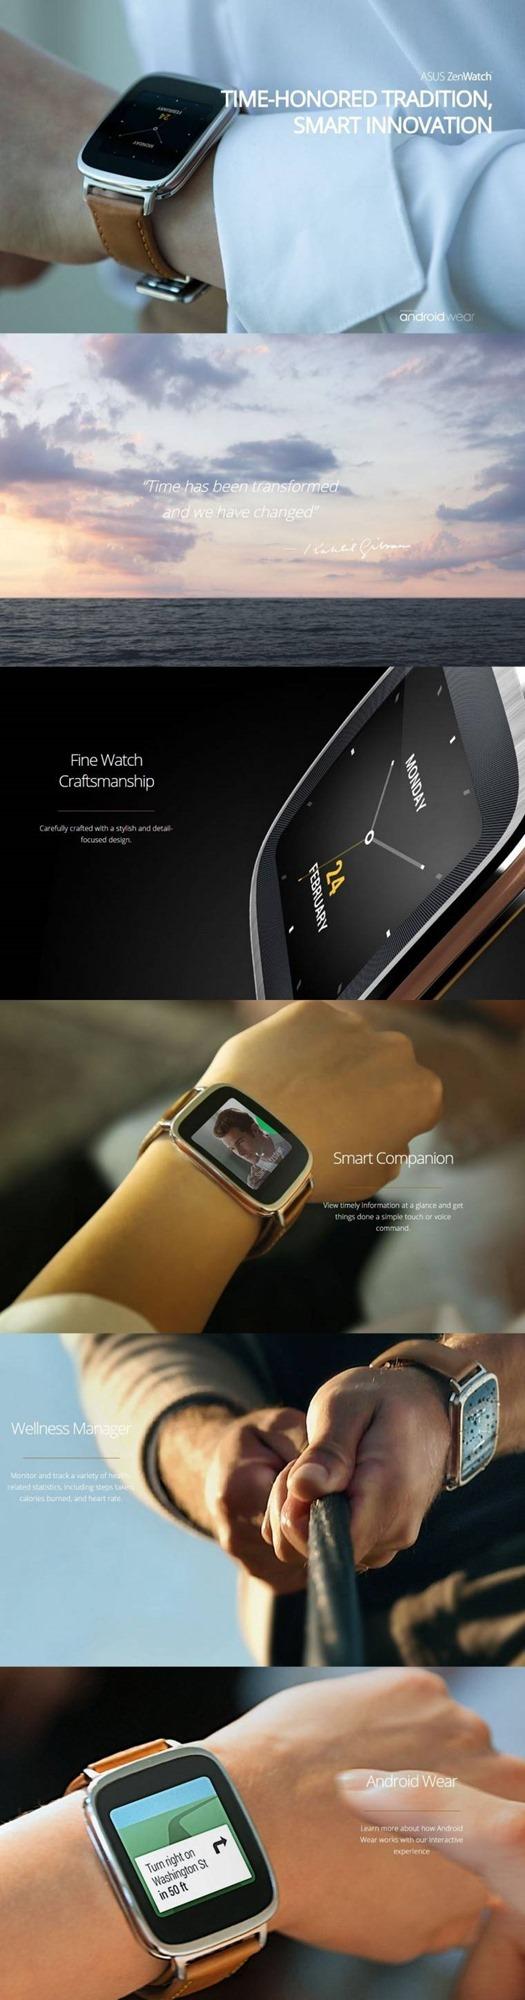 華碩首款智慧型手錶 ZenWatch 現蹤香港!售價低於預期